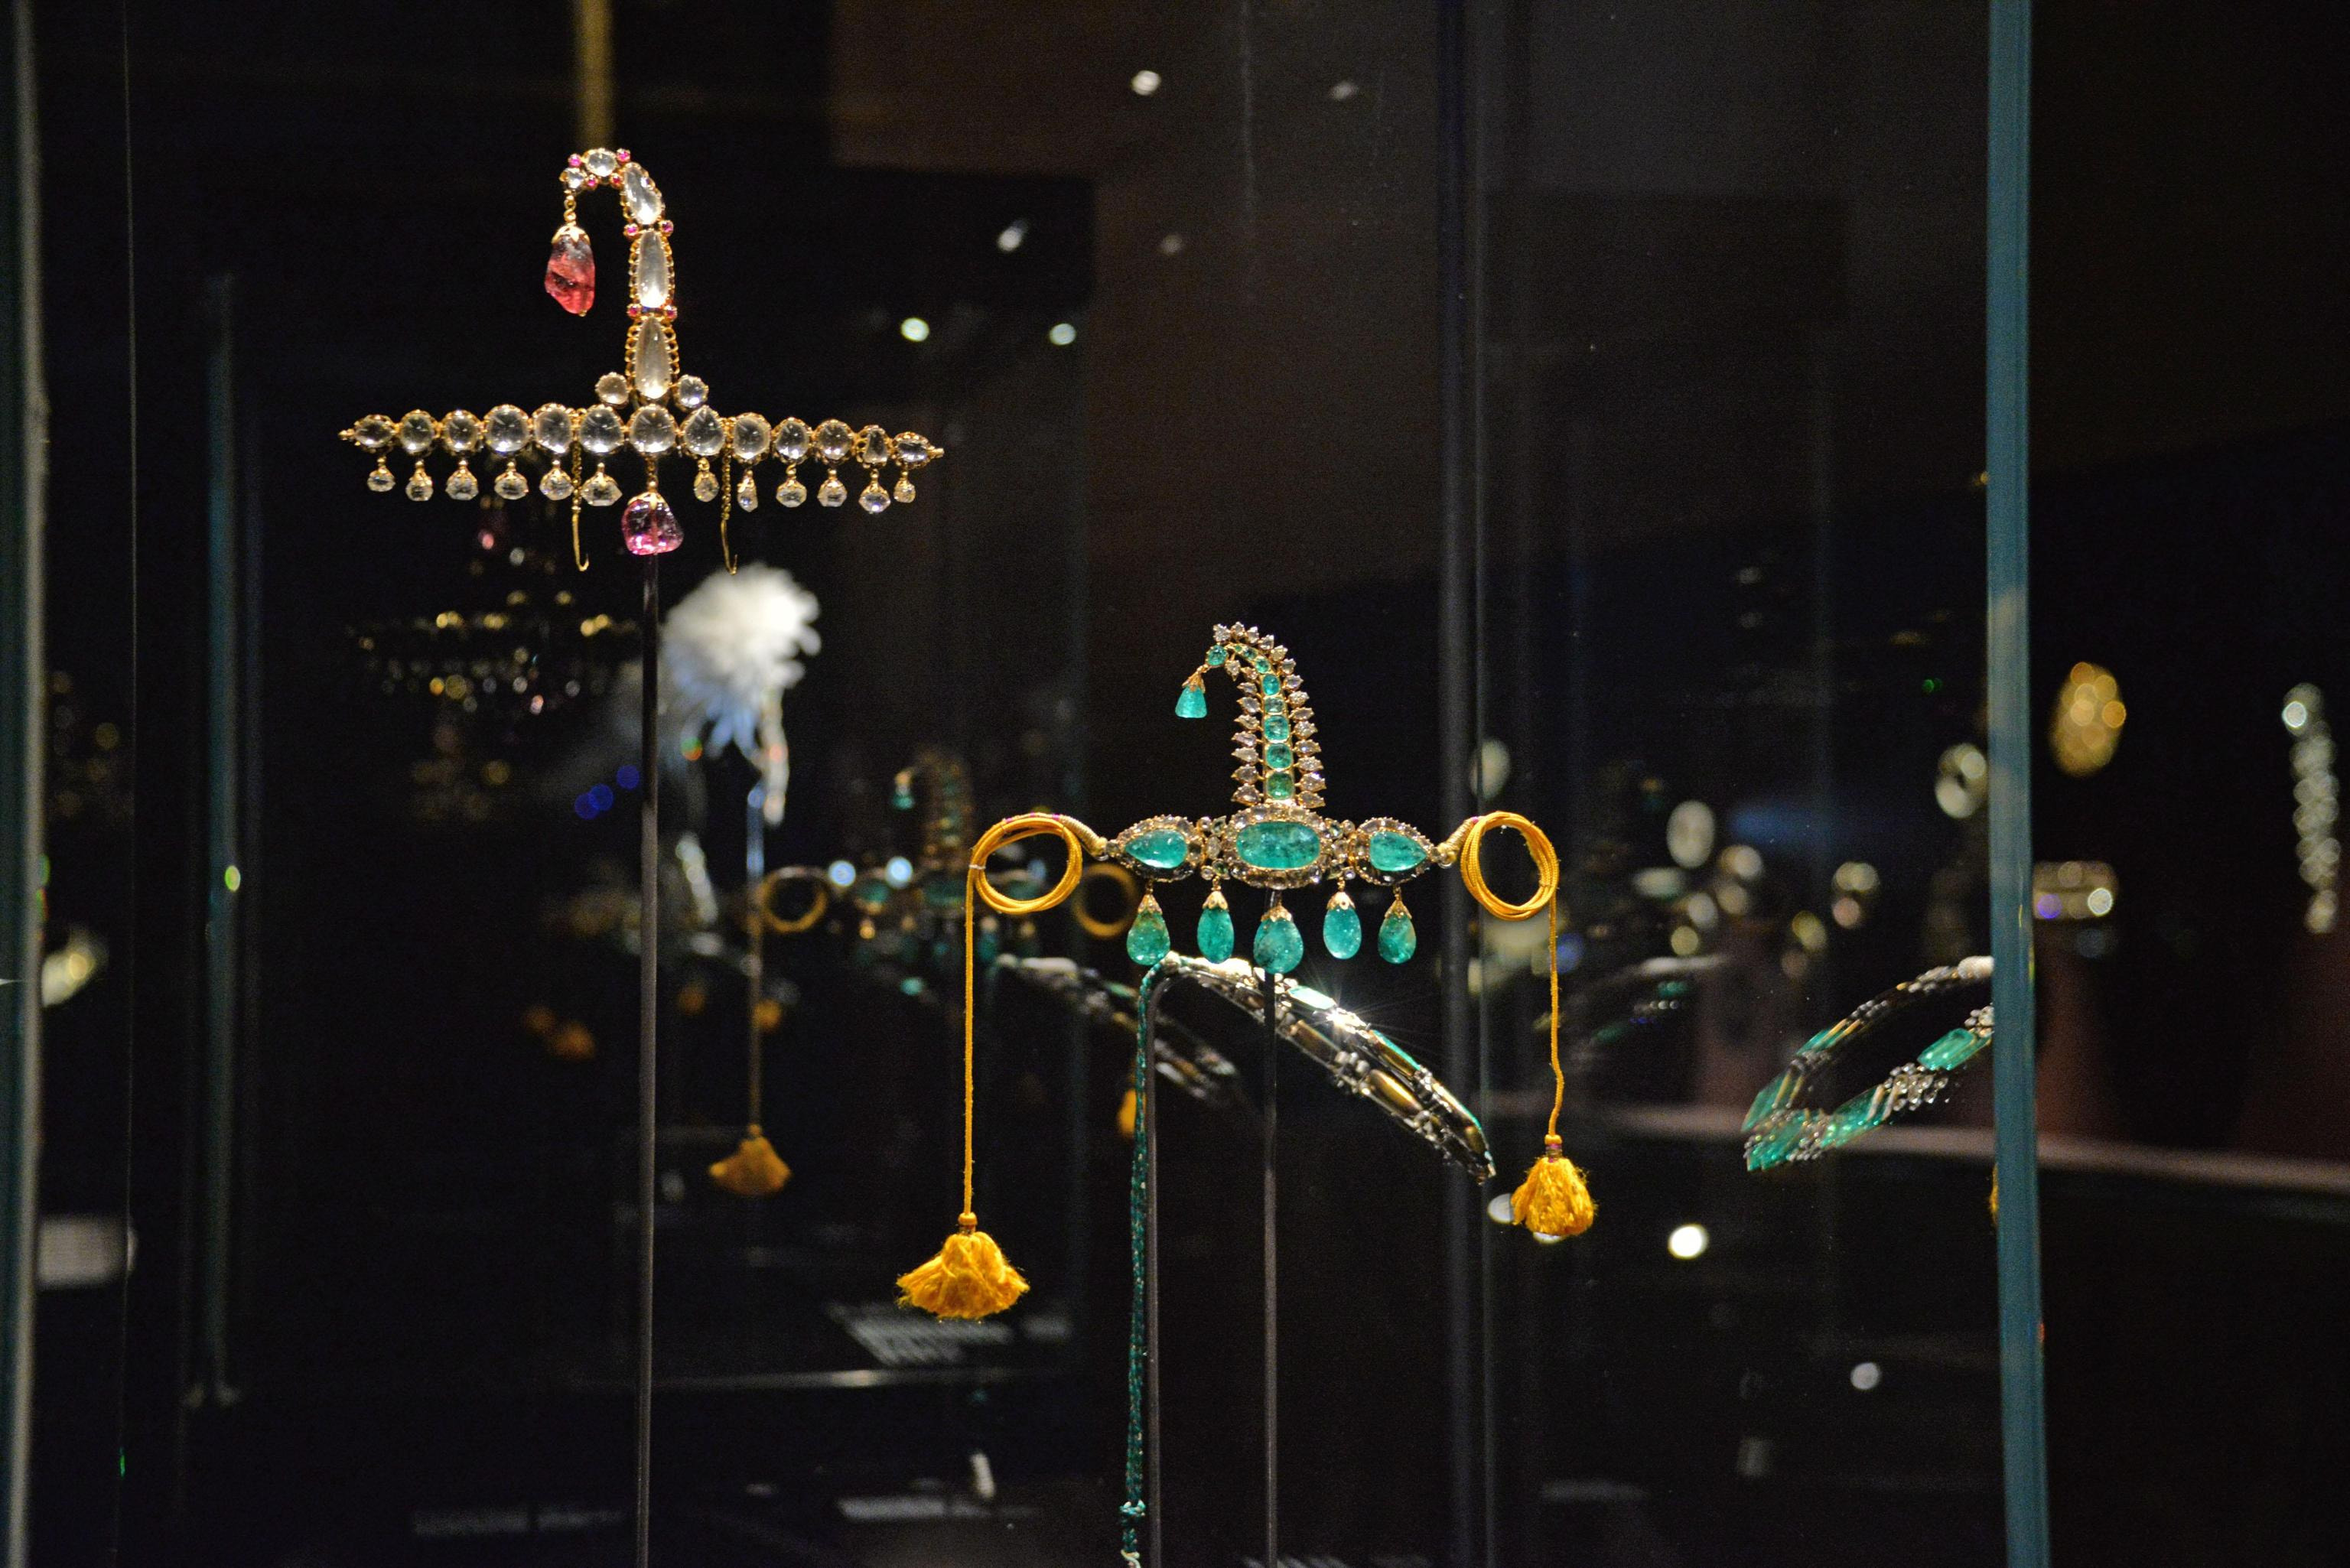 Venezia, furto di gioielli a Palazzo Ducale per un valore di 30mila euro